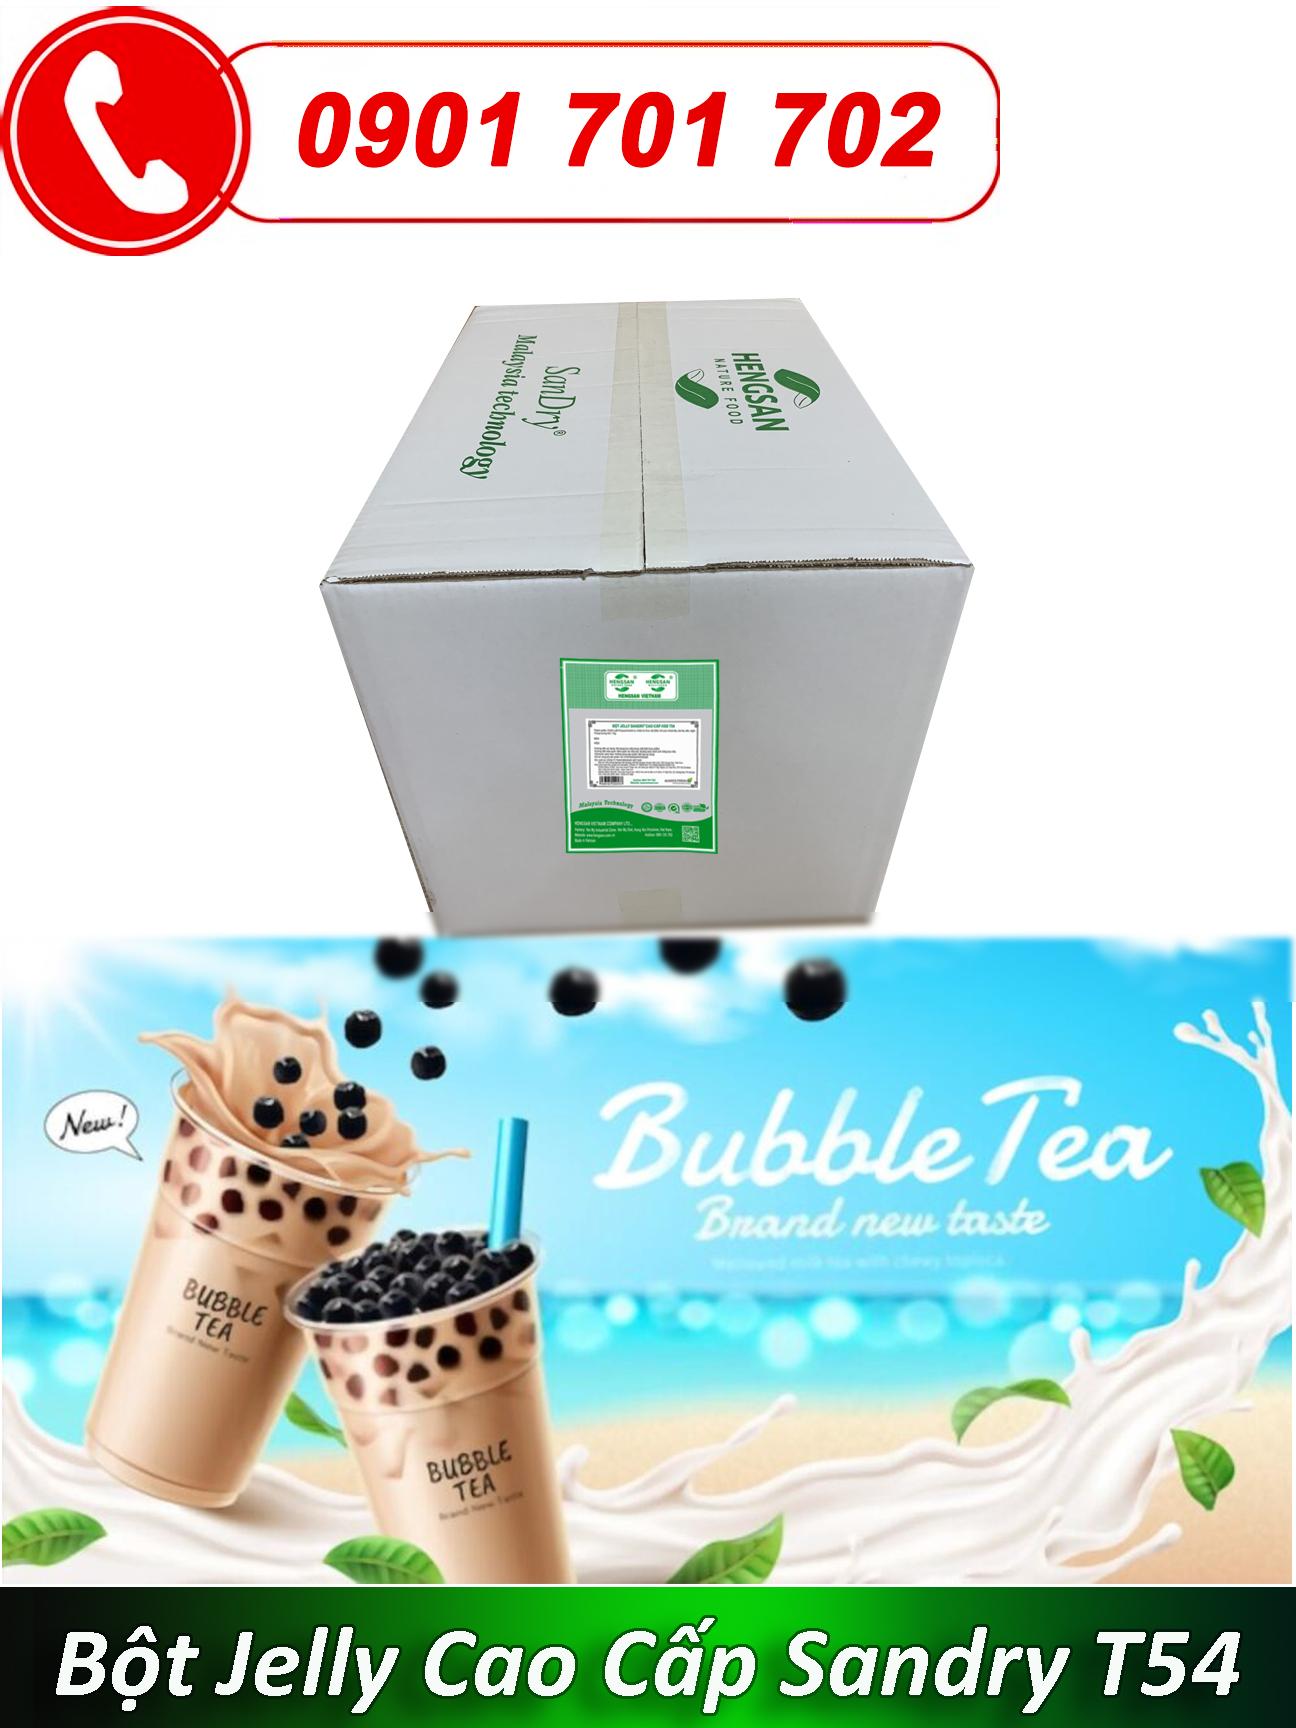 Bot Jelly Cao Cap Sandry T54